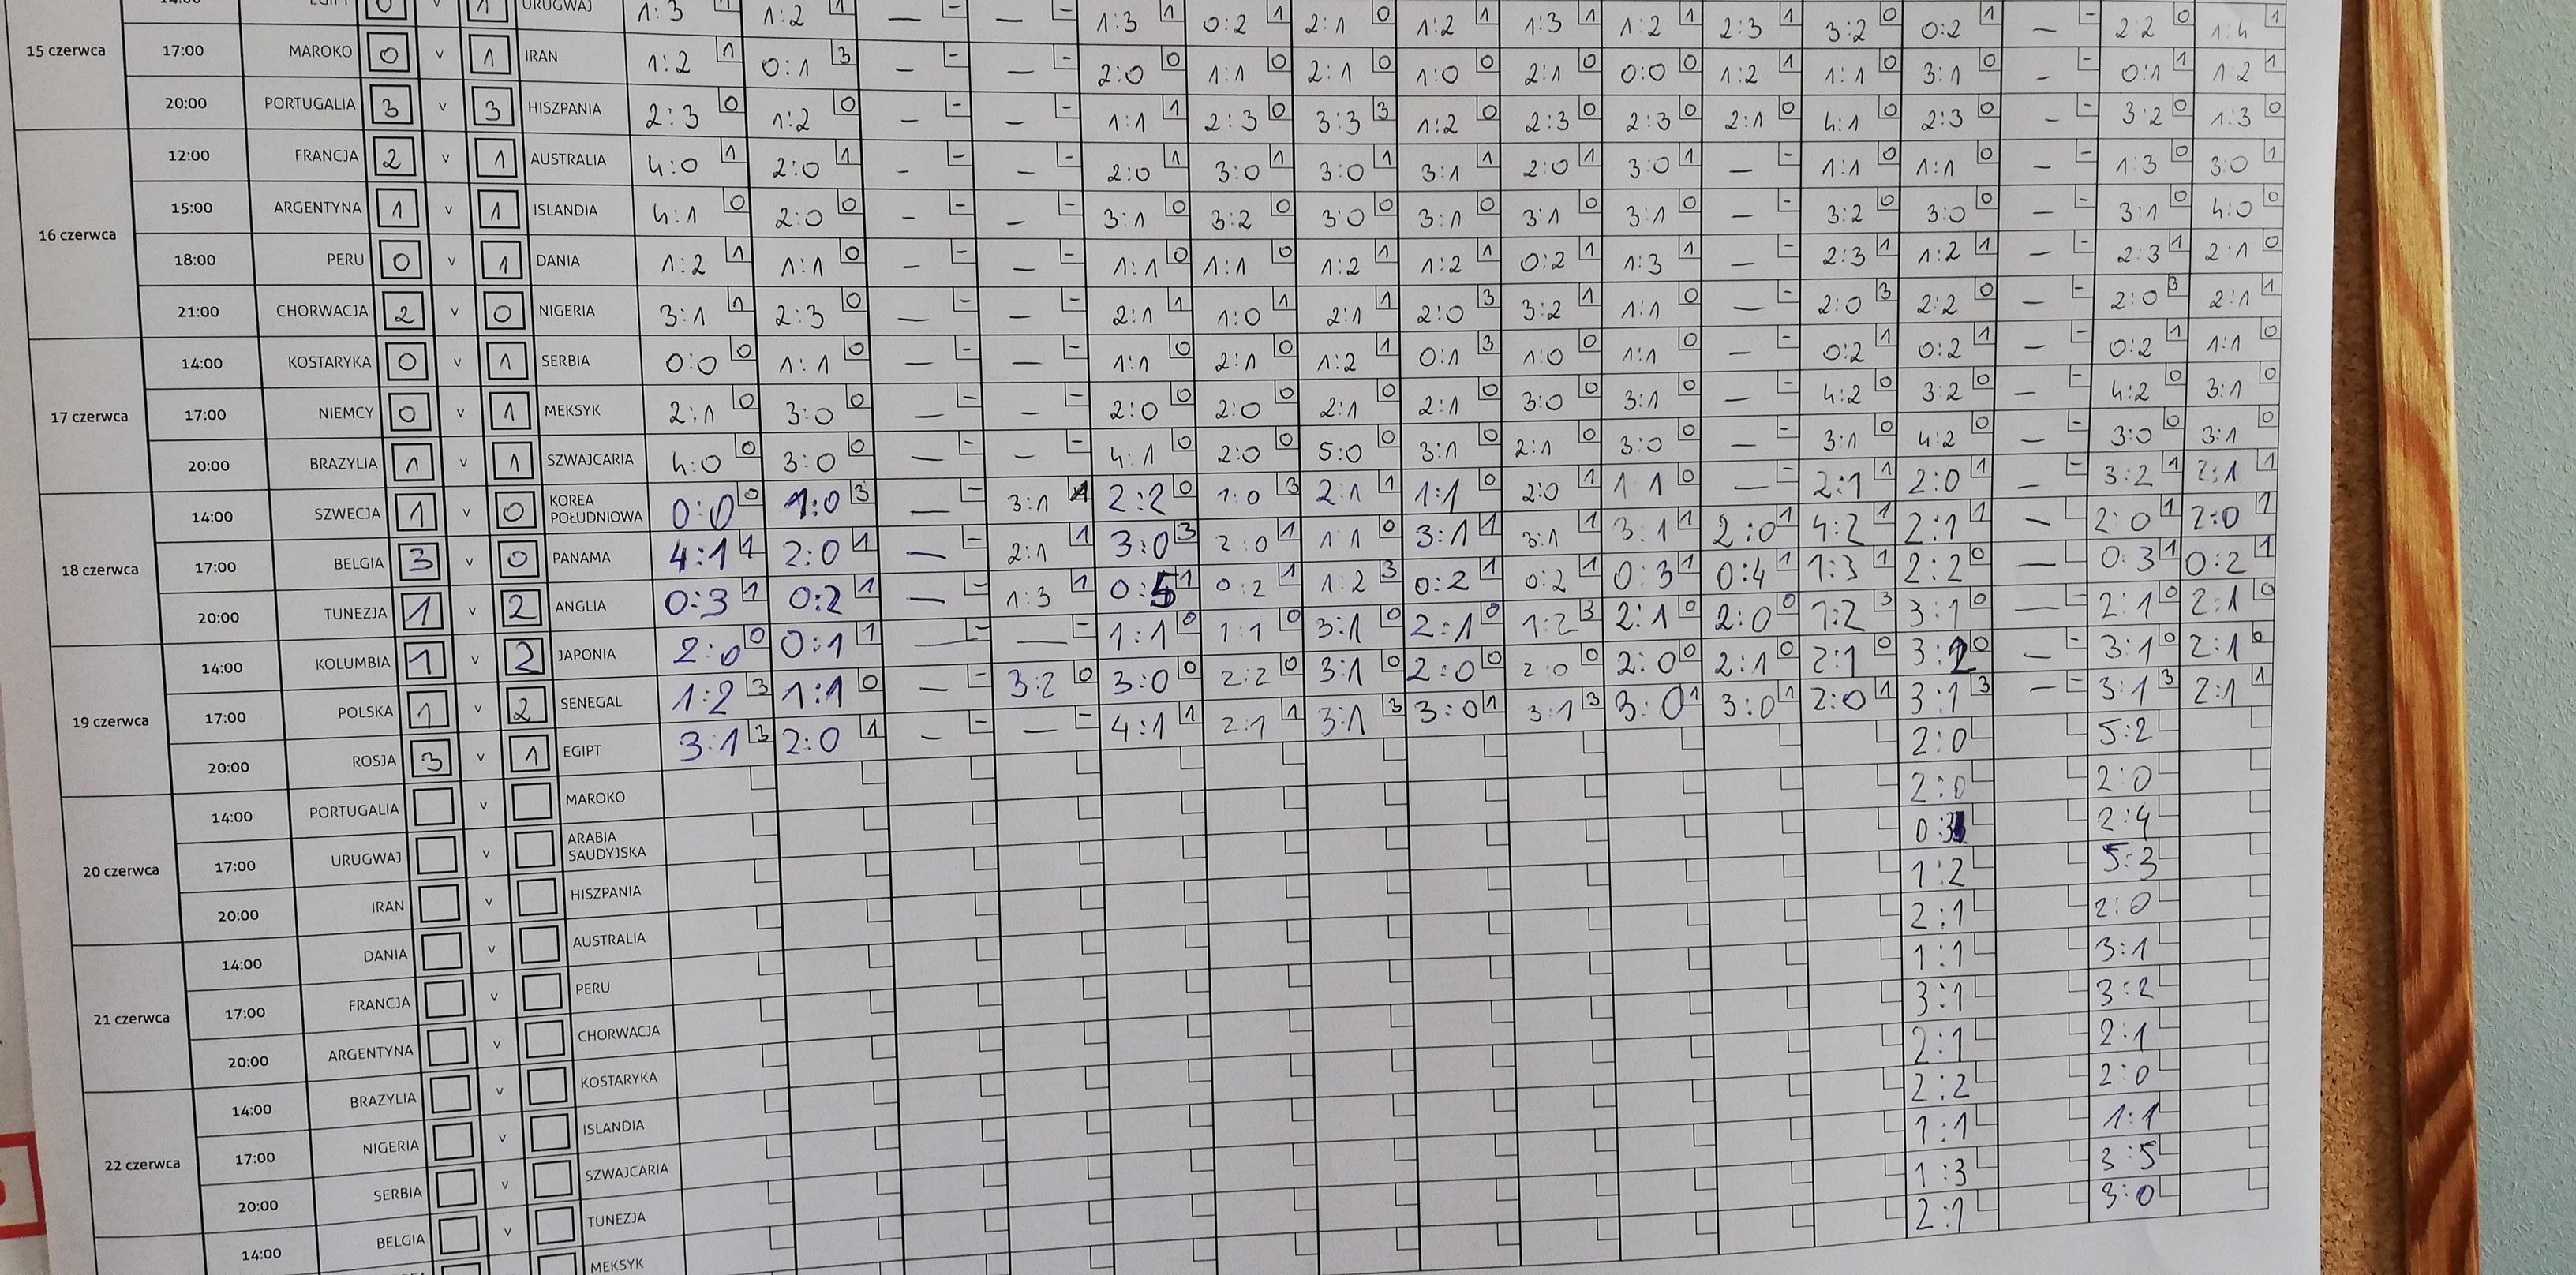 Tablica wyników w jednej z firm, w której pracownicy obstawiają wyniki mundialowych meczów.